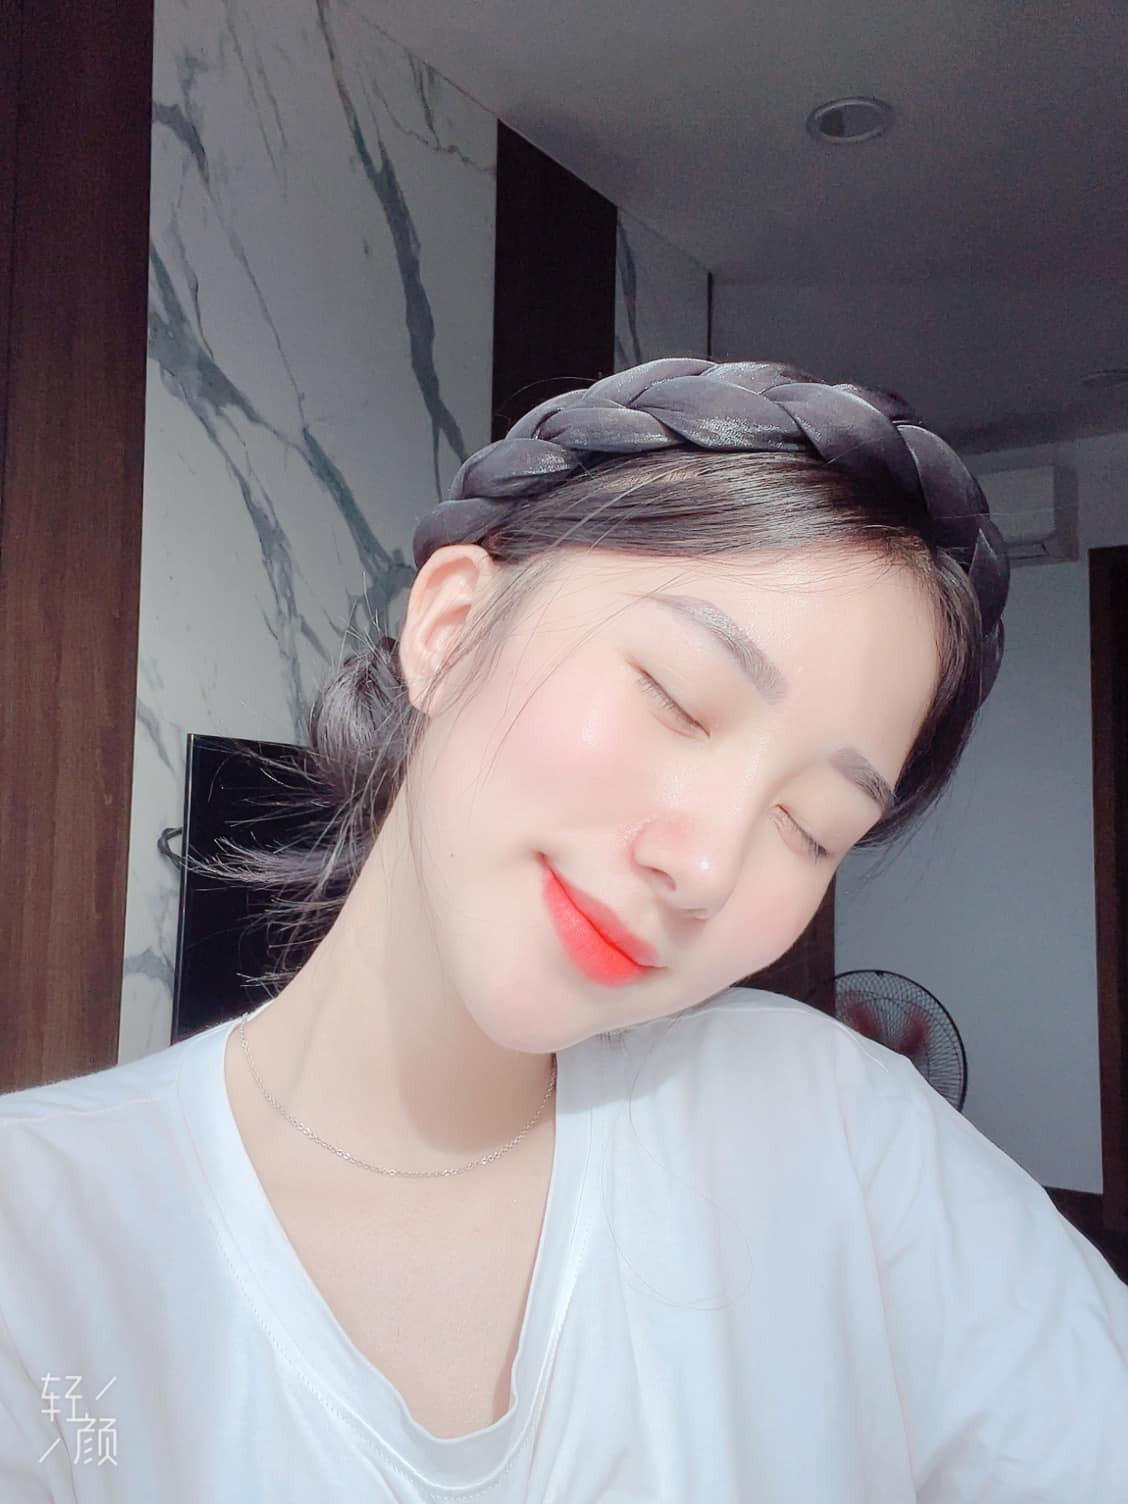 Nhan sắc hot girl Tiểu Hý - 6